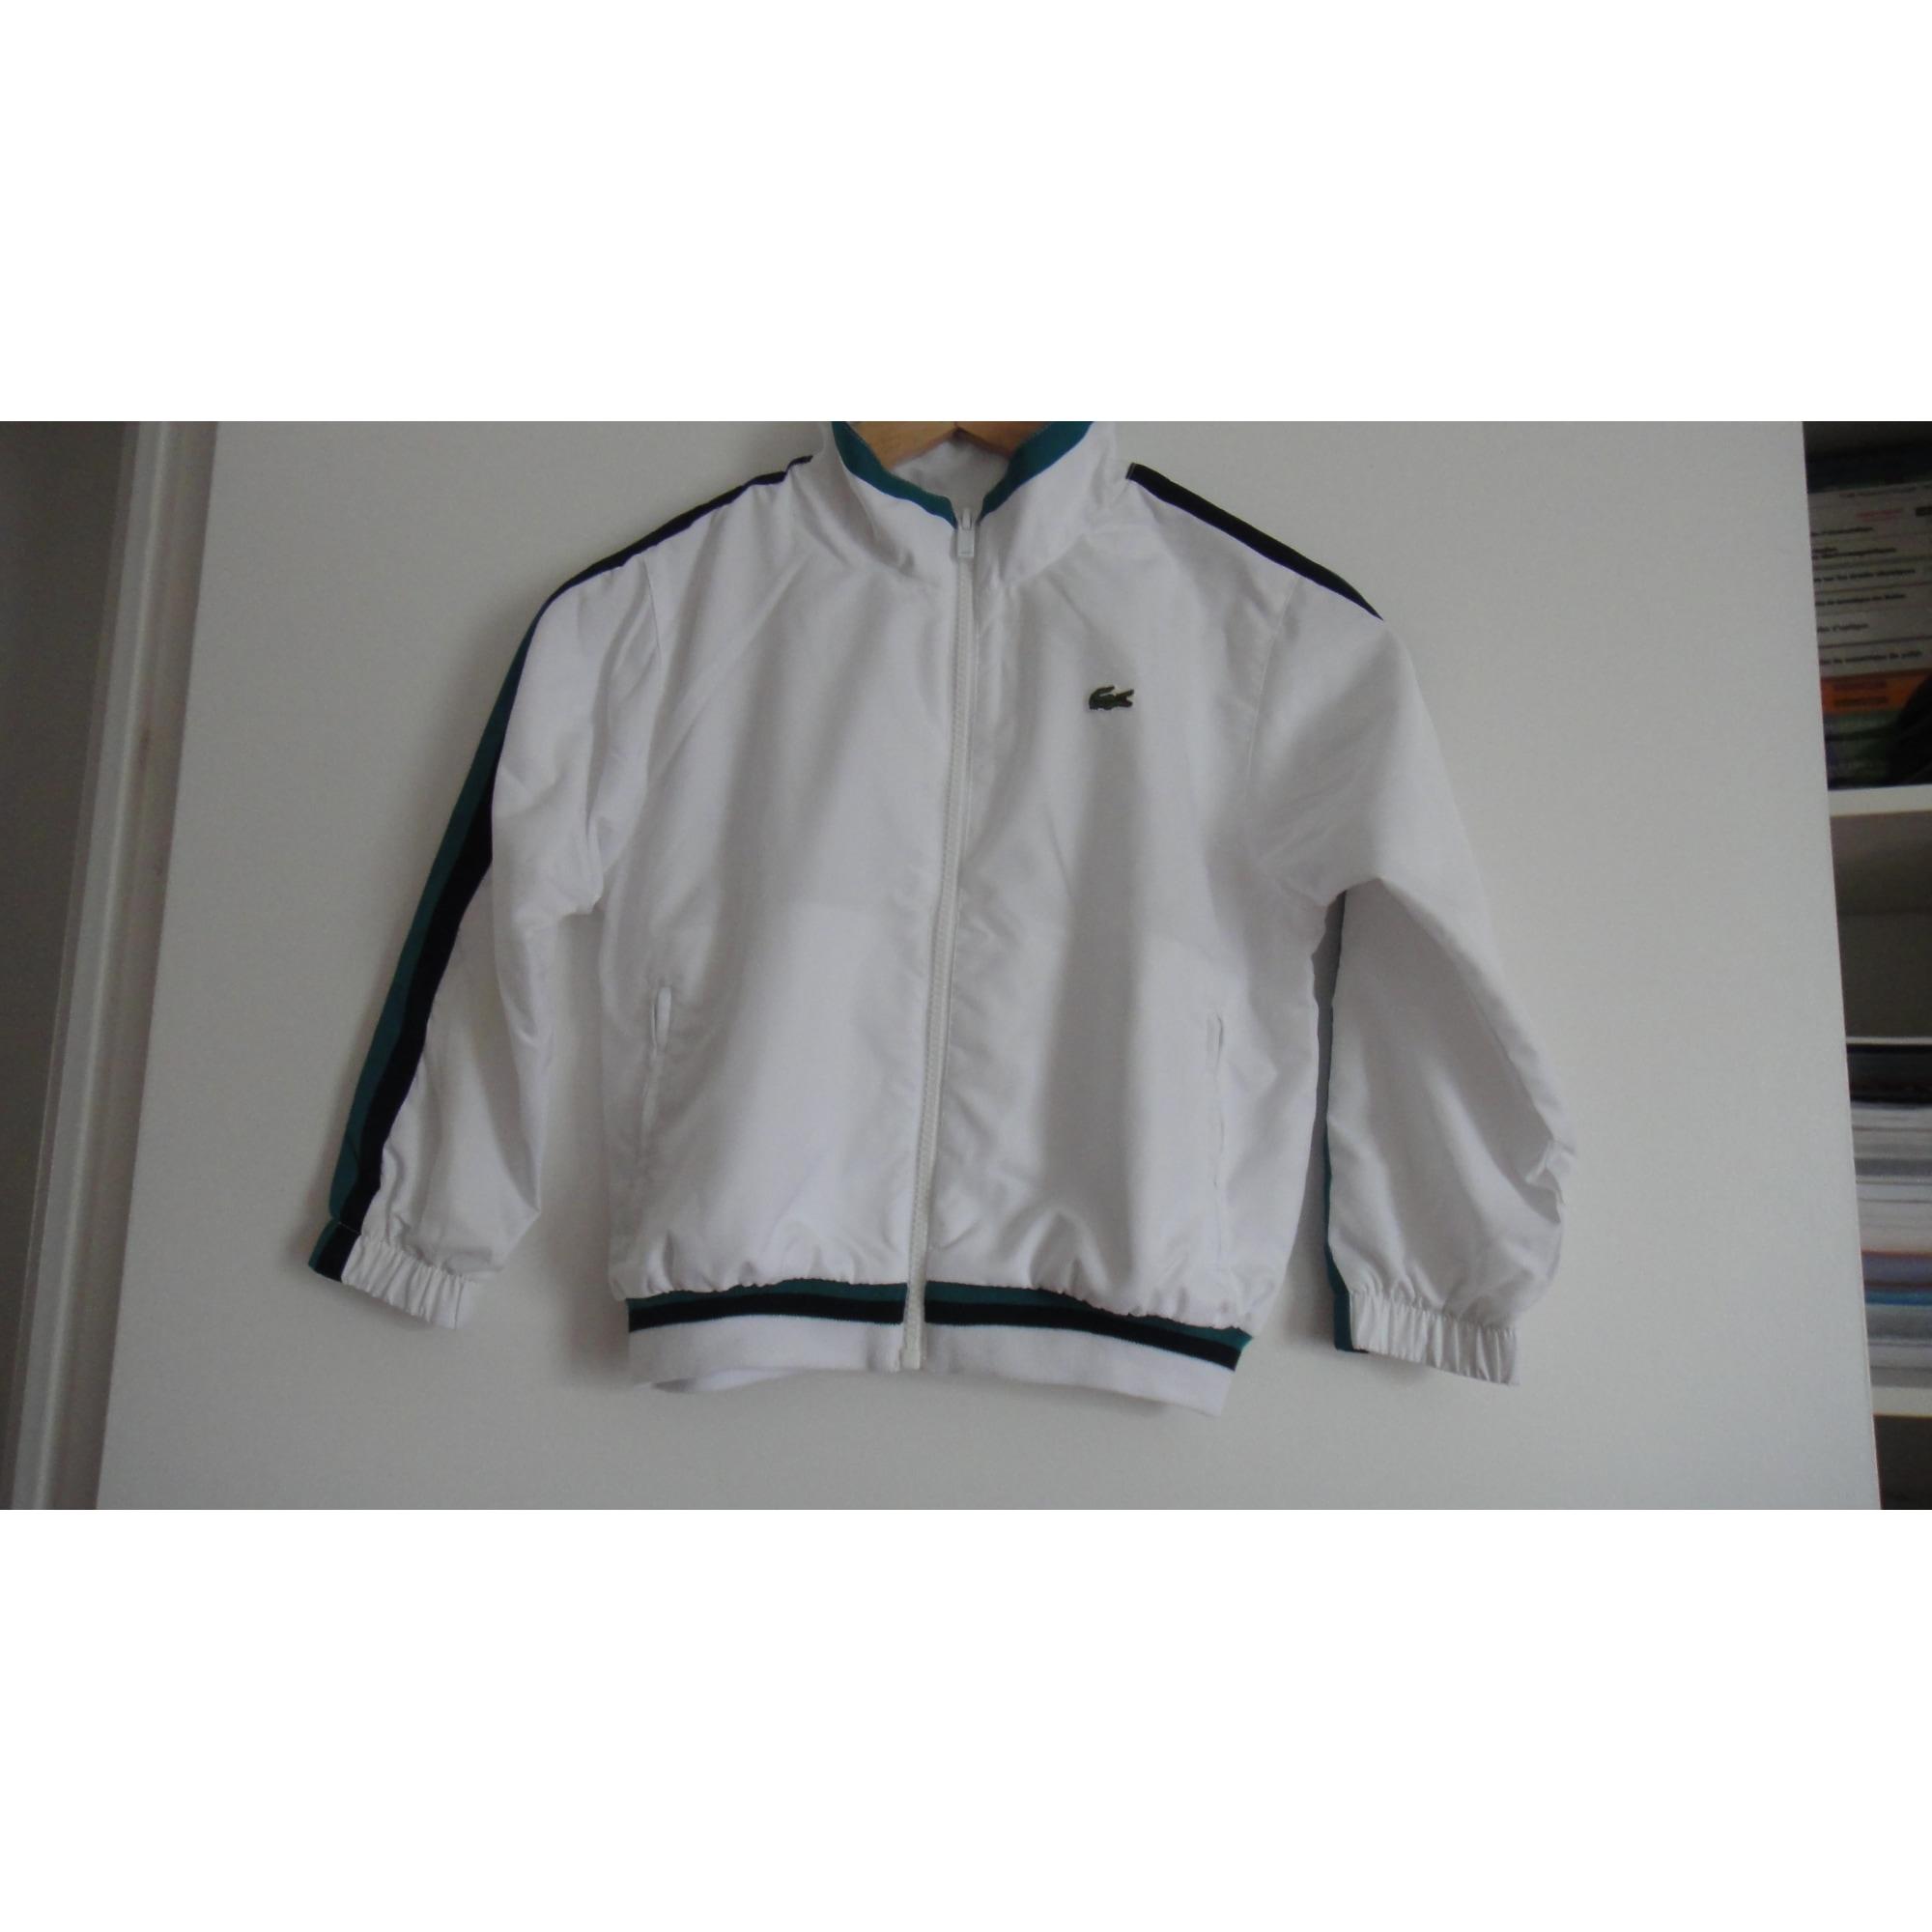 a25c50591f7 Ensemble jogging LACOSTE 5-6 ans blanc vendu par Coralie 94457159 ...